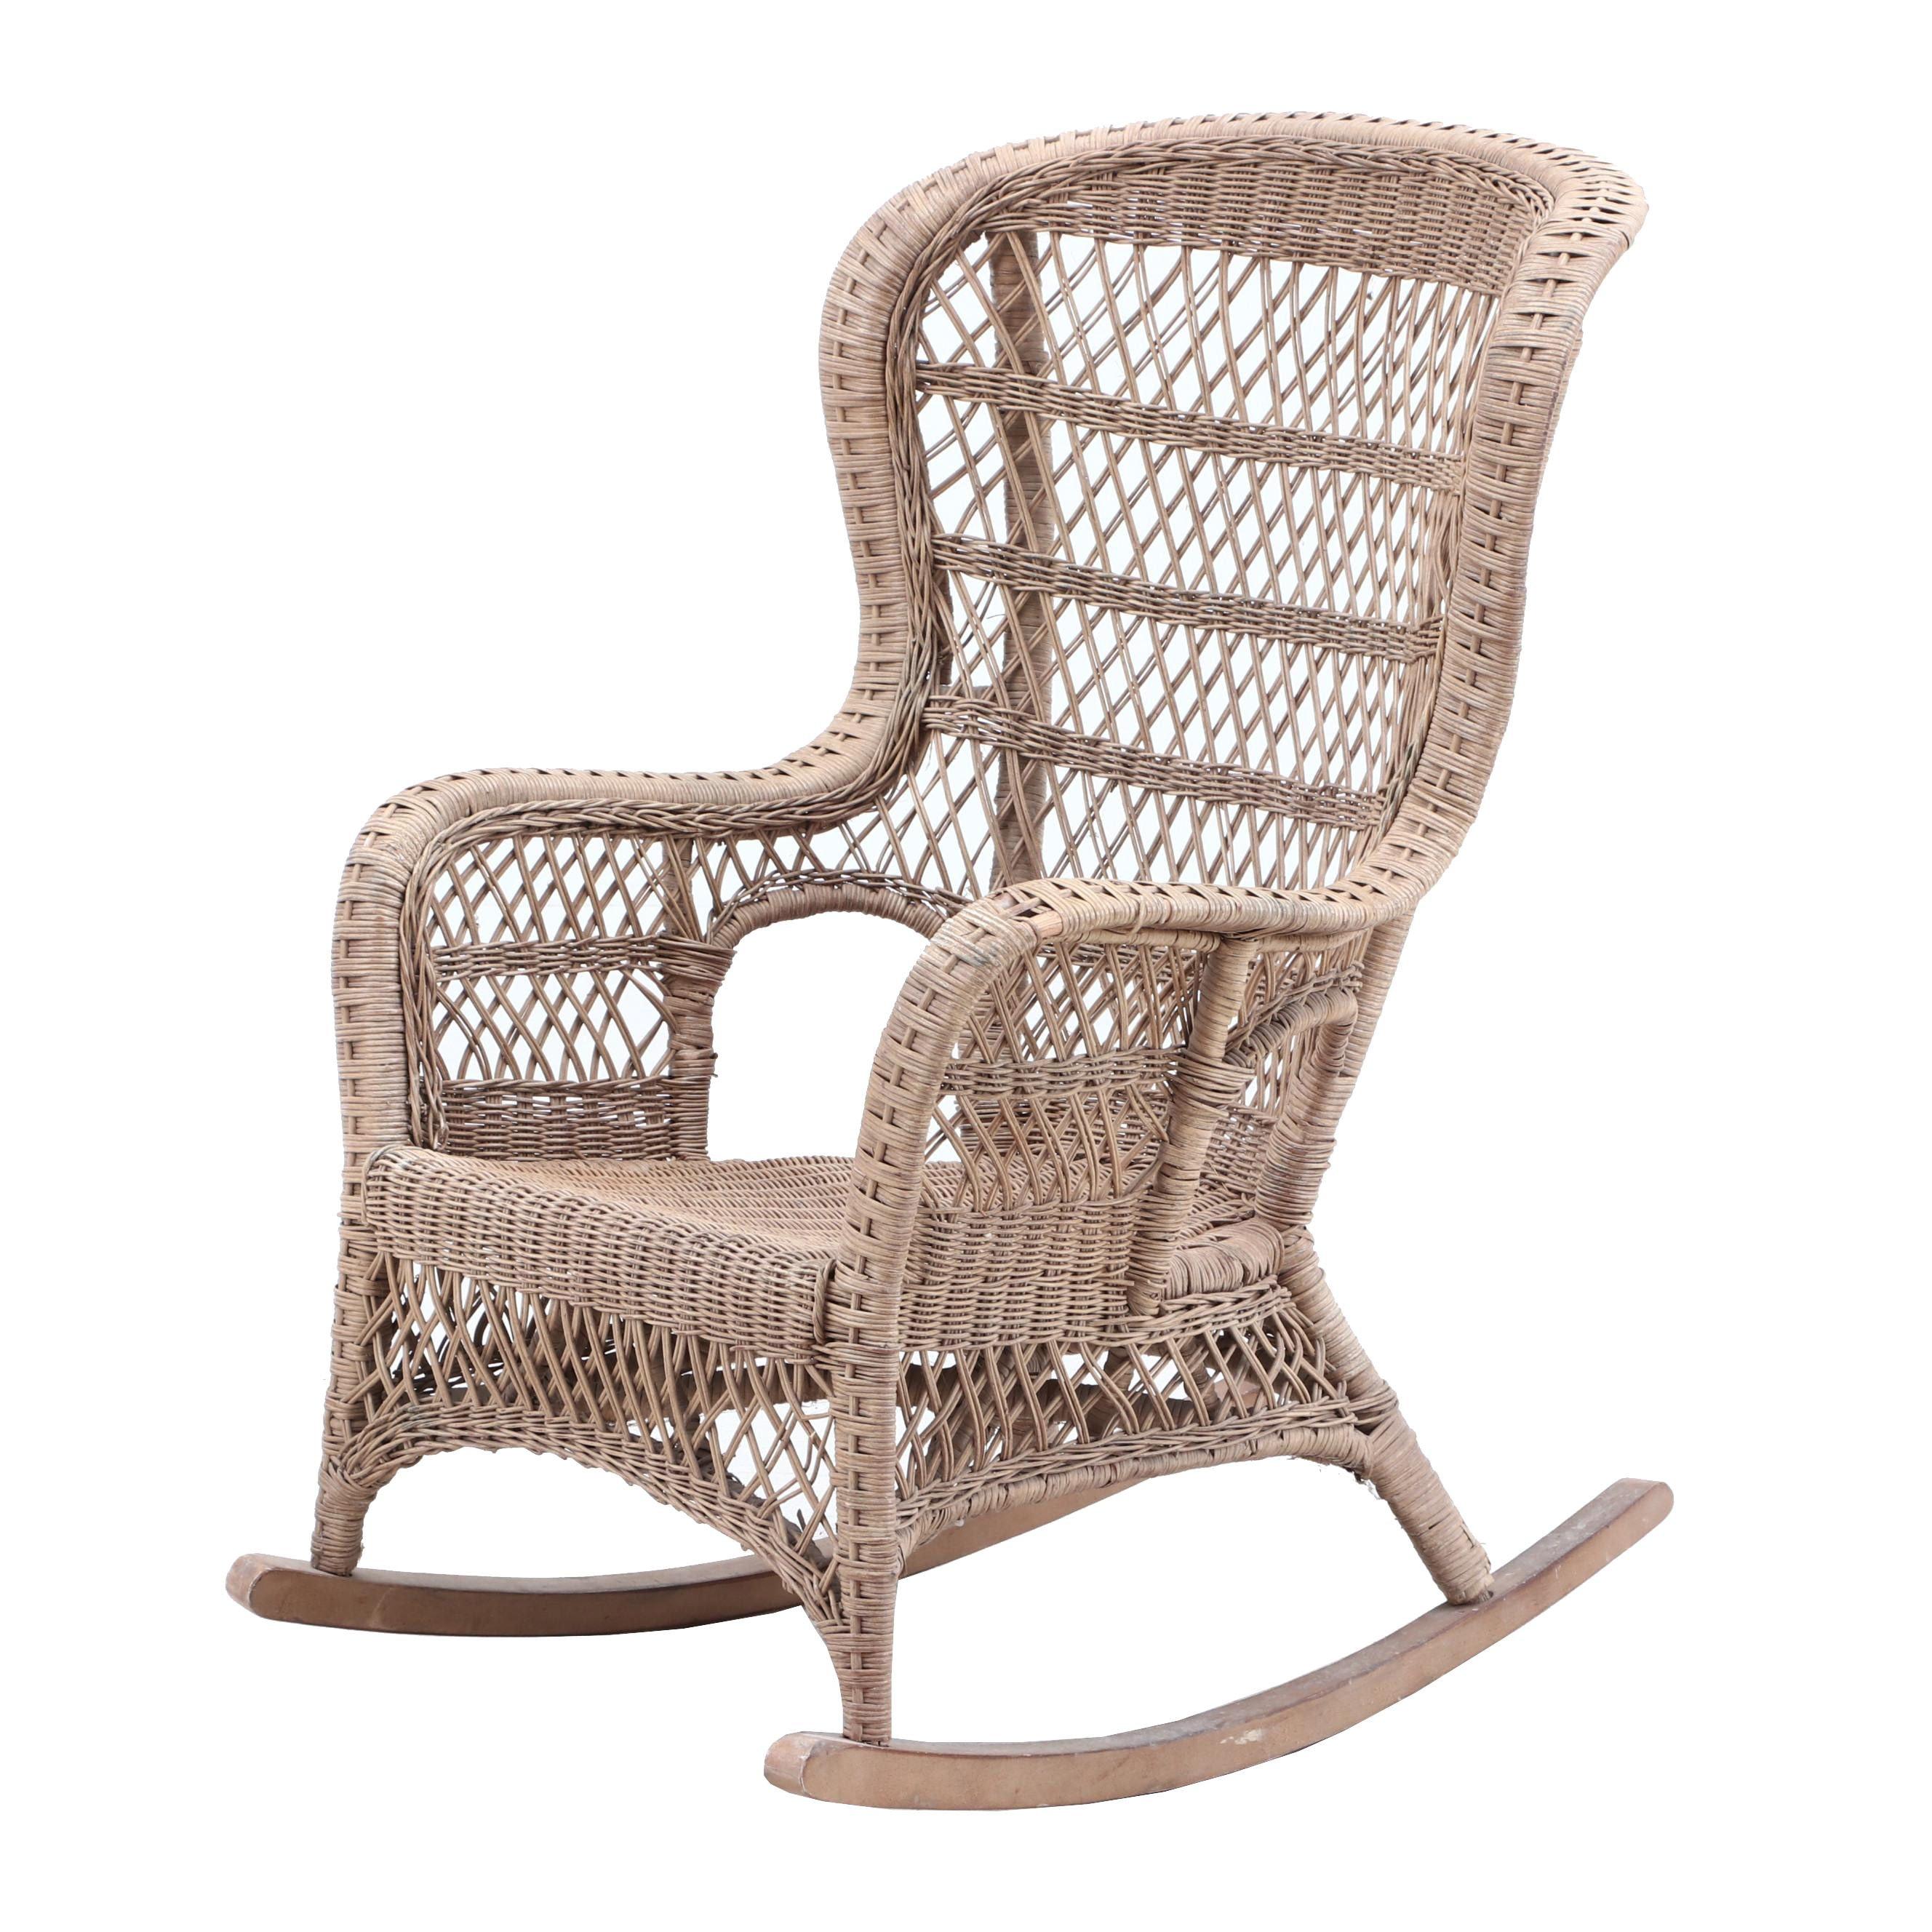 Woven Wicker Rocking Chair